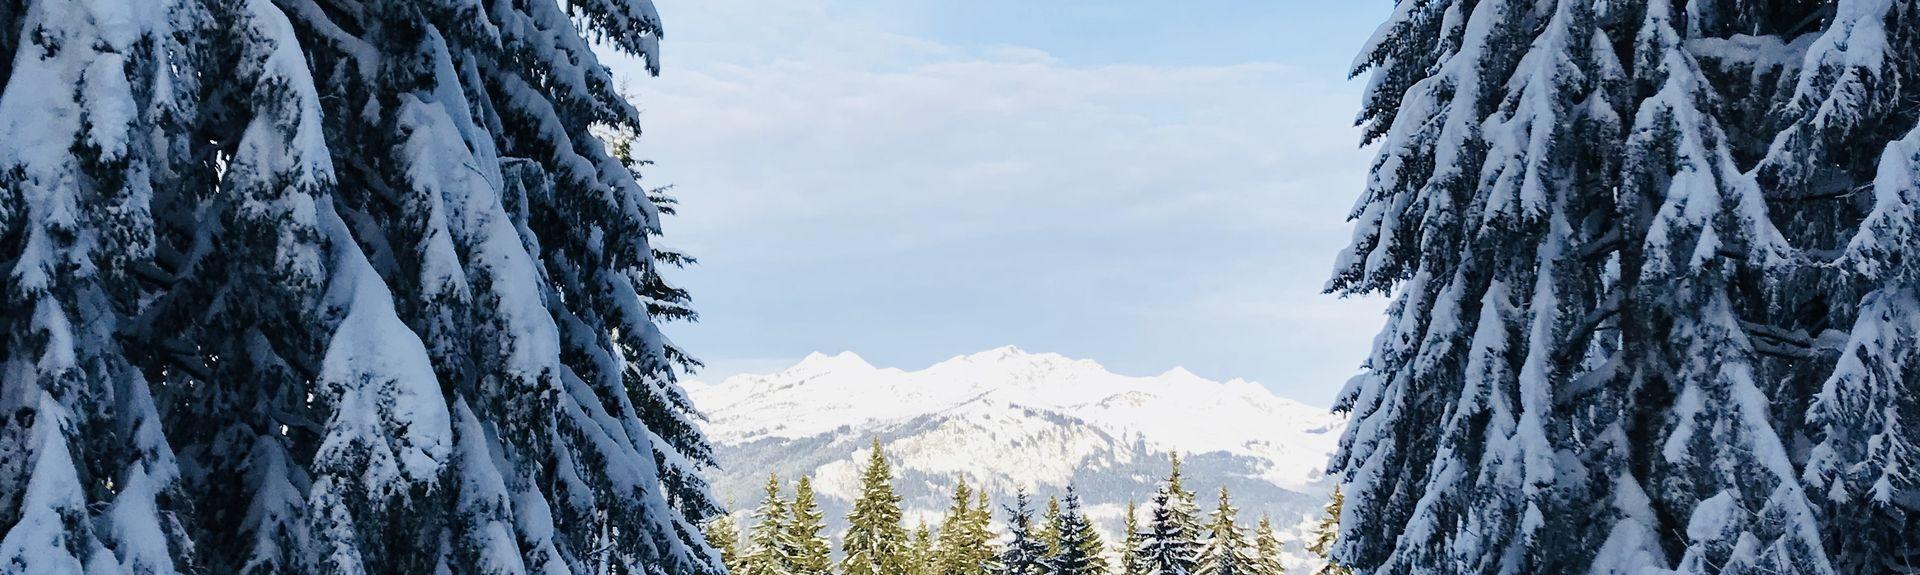 Debutants Ski Lift, Megeve, Haute-Savoie (department), France